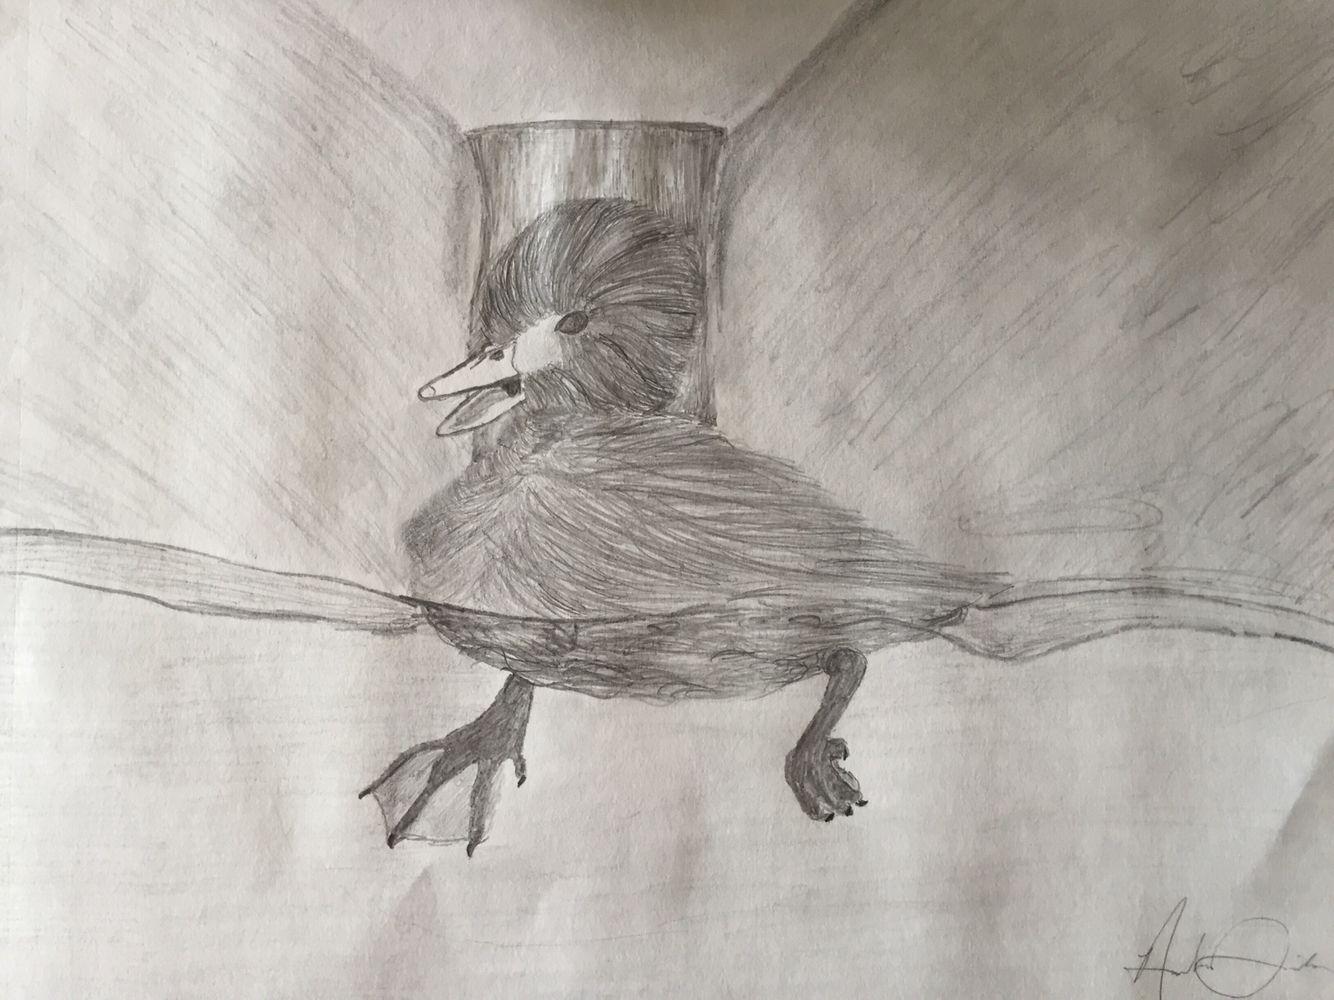 #duck #duckling